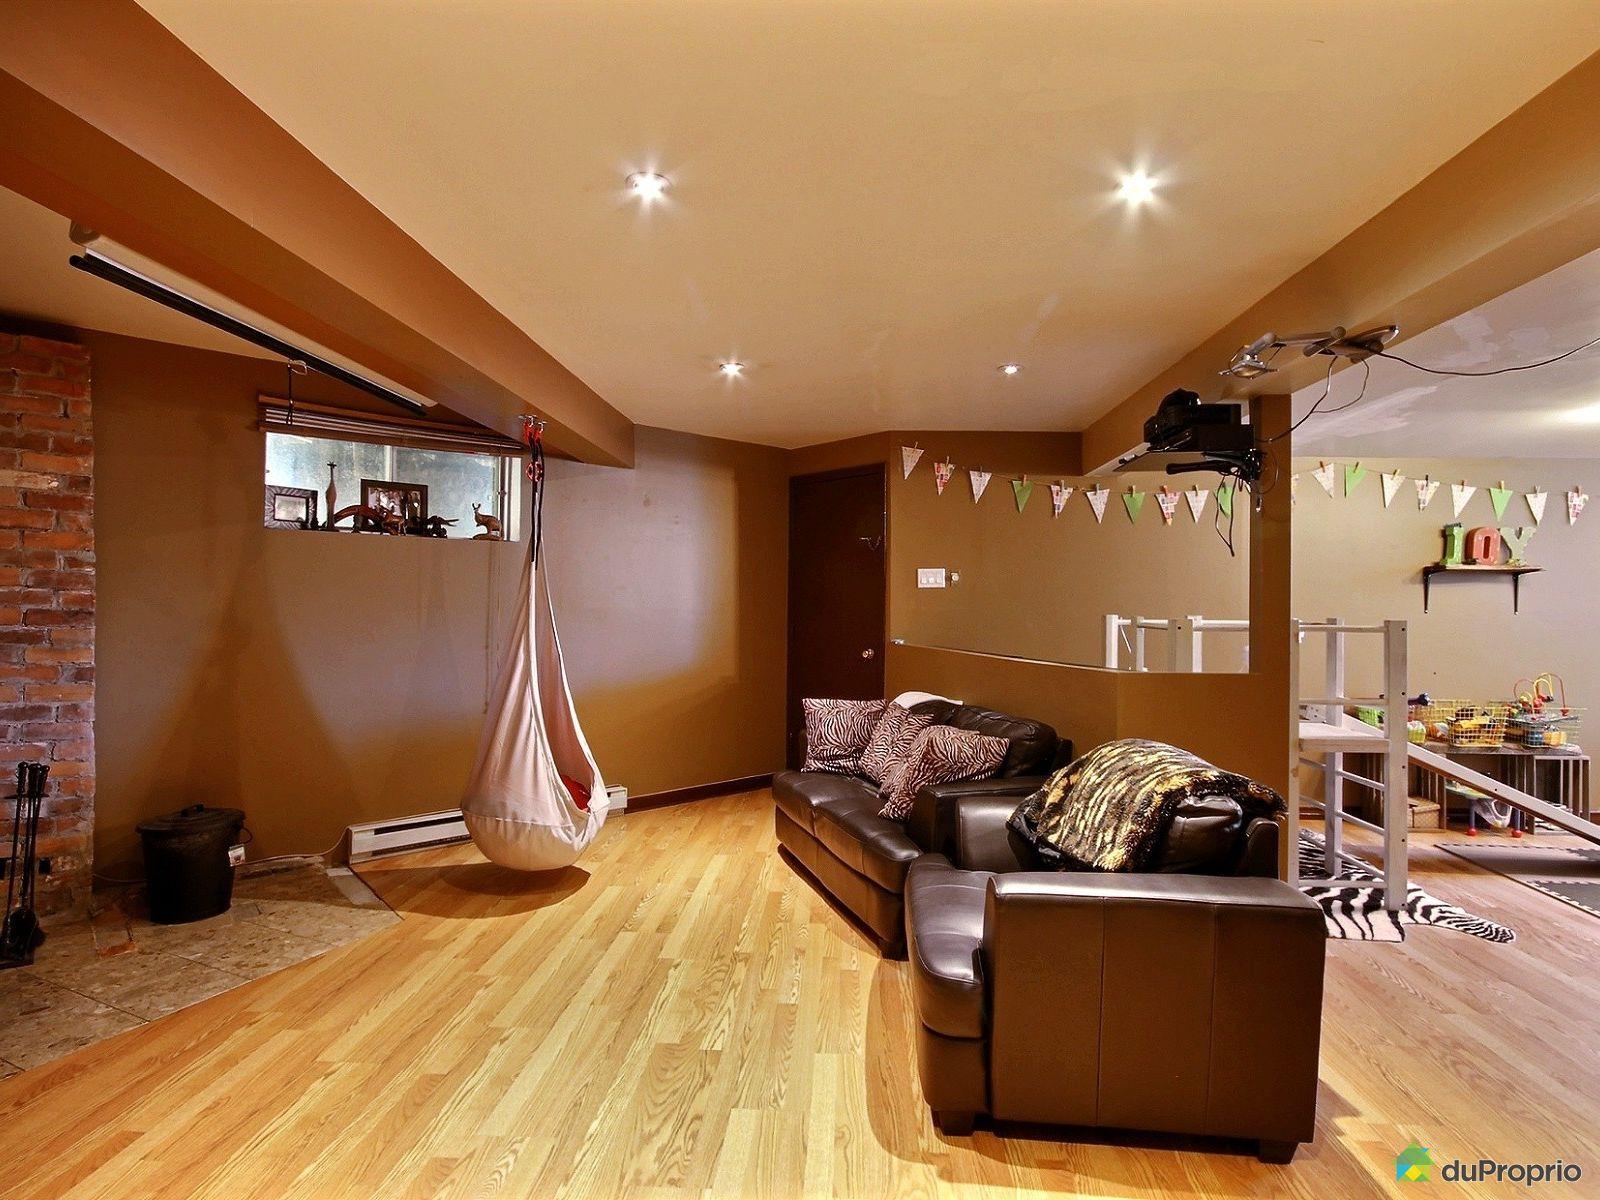 Maison vendre ste catherine 1500 rue des carouges for Foyer mural electrique costco